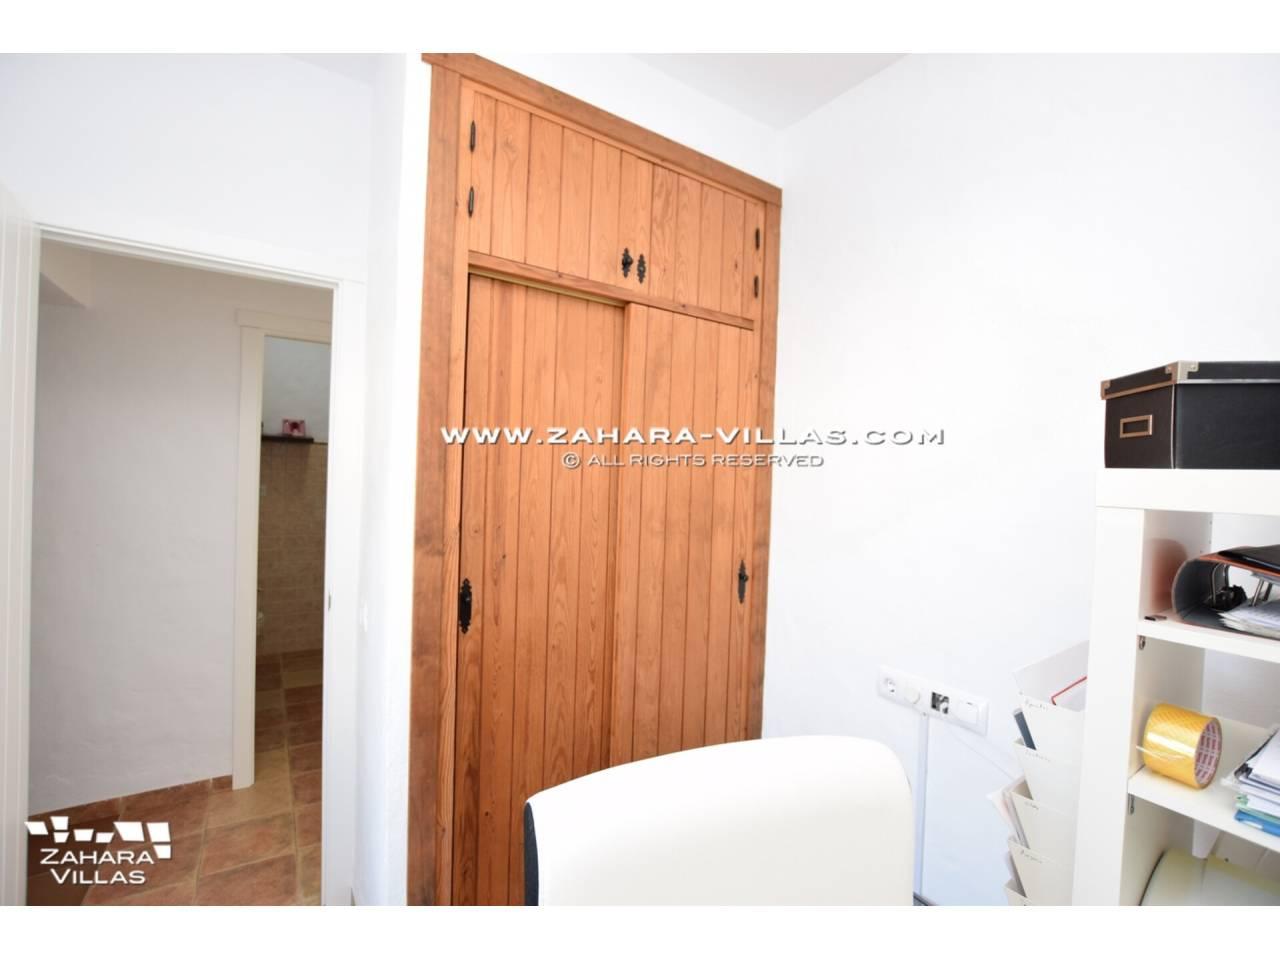 Imagen 11 de Haus zum verkauf in Zahara de los Atunes